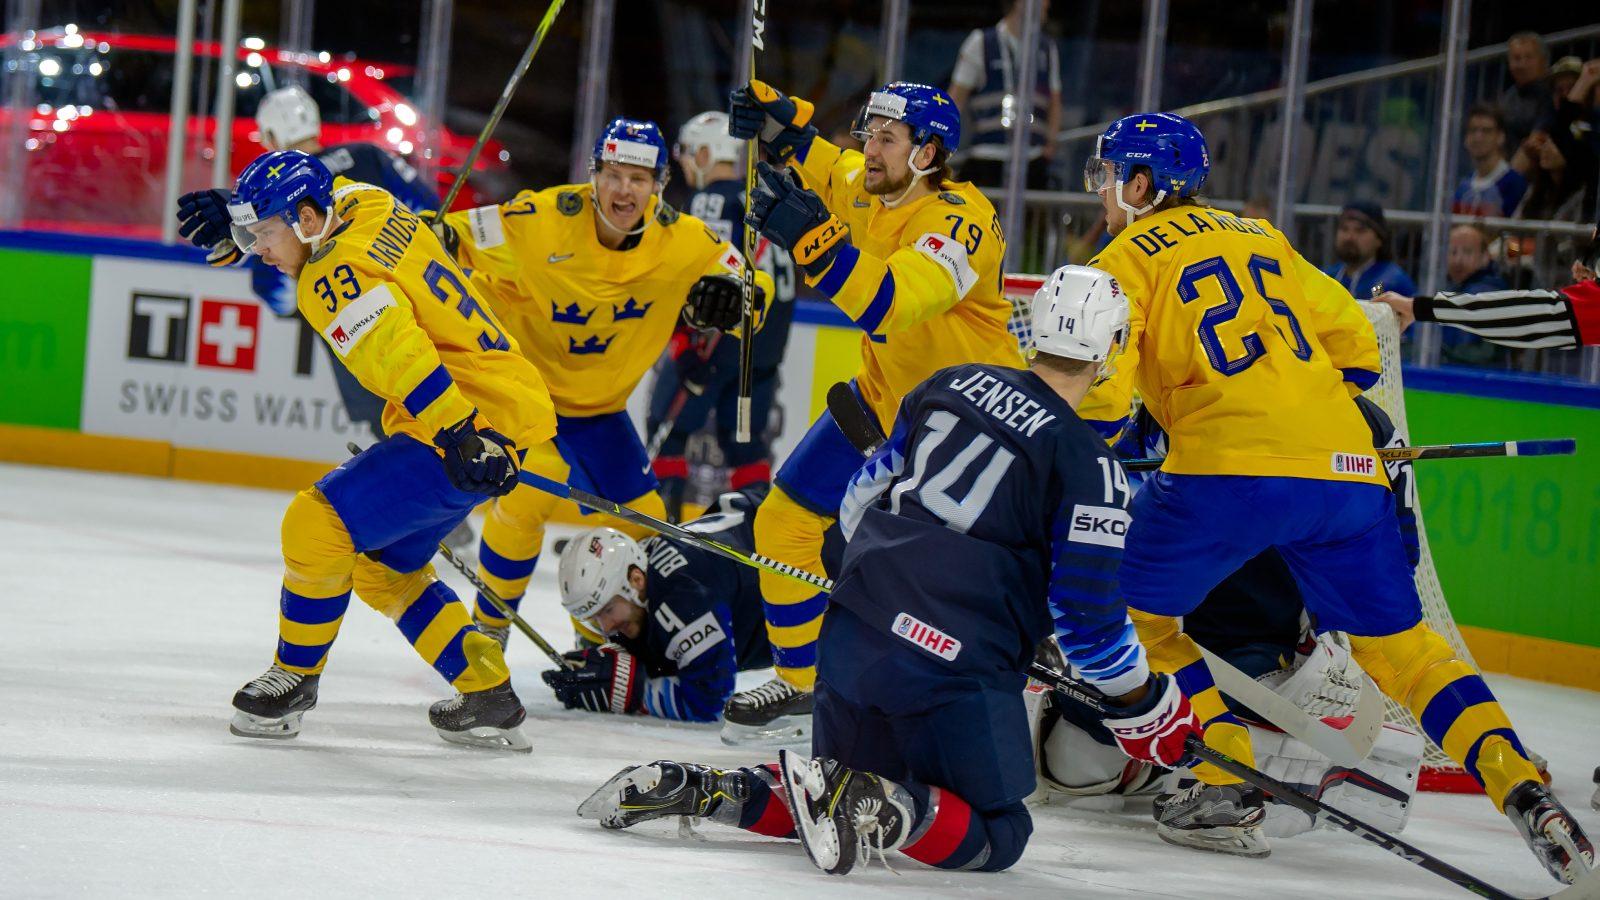 Ishockeybettingens framtid på den svenska marknaden